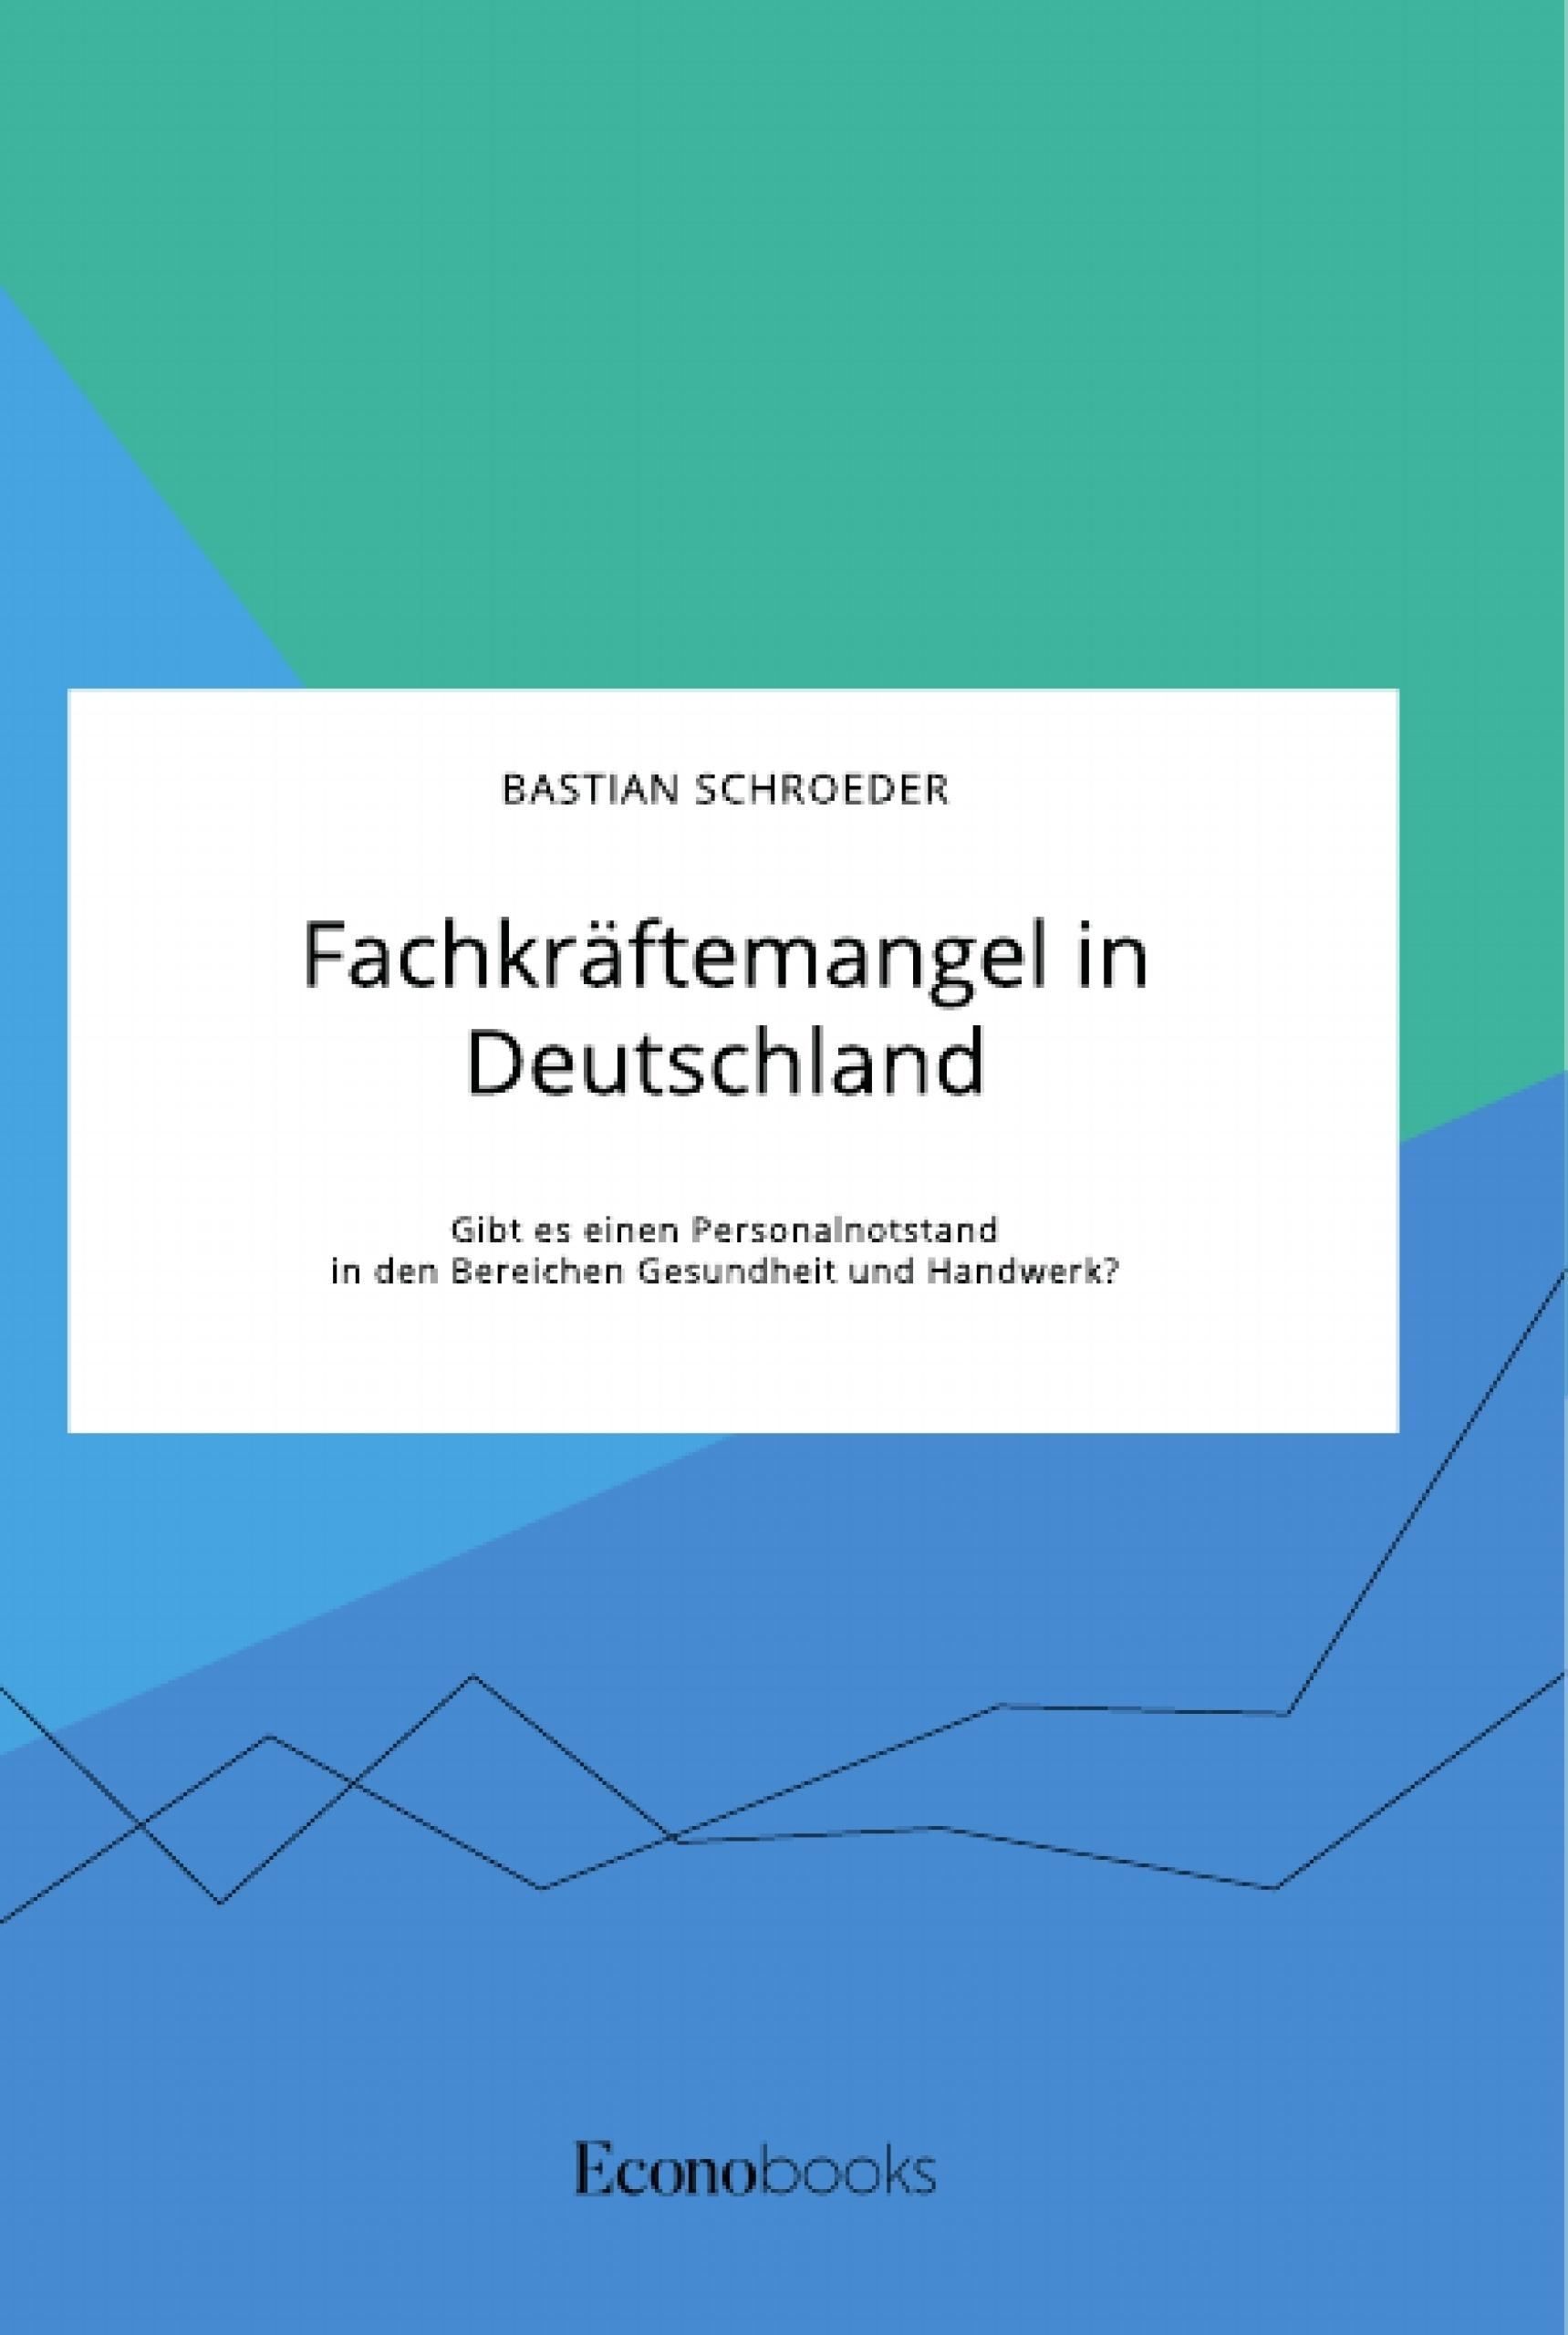 Titel: Fachkräftemangel in Deutschland. Gibt es einen Personalnotstand in den Bereichen Gesundheit und Handwerk?